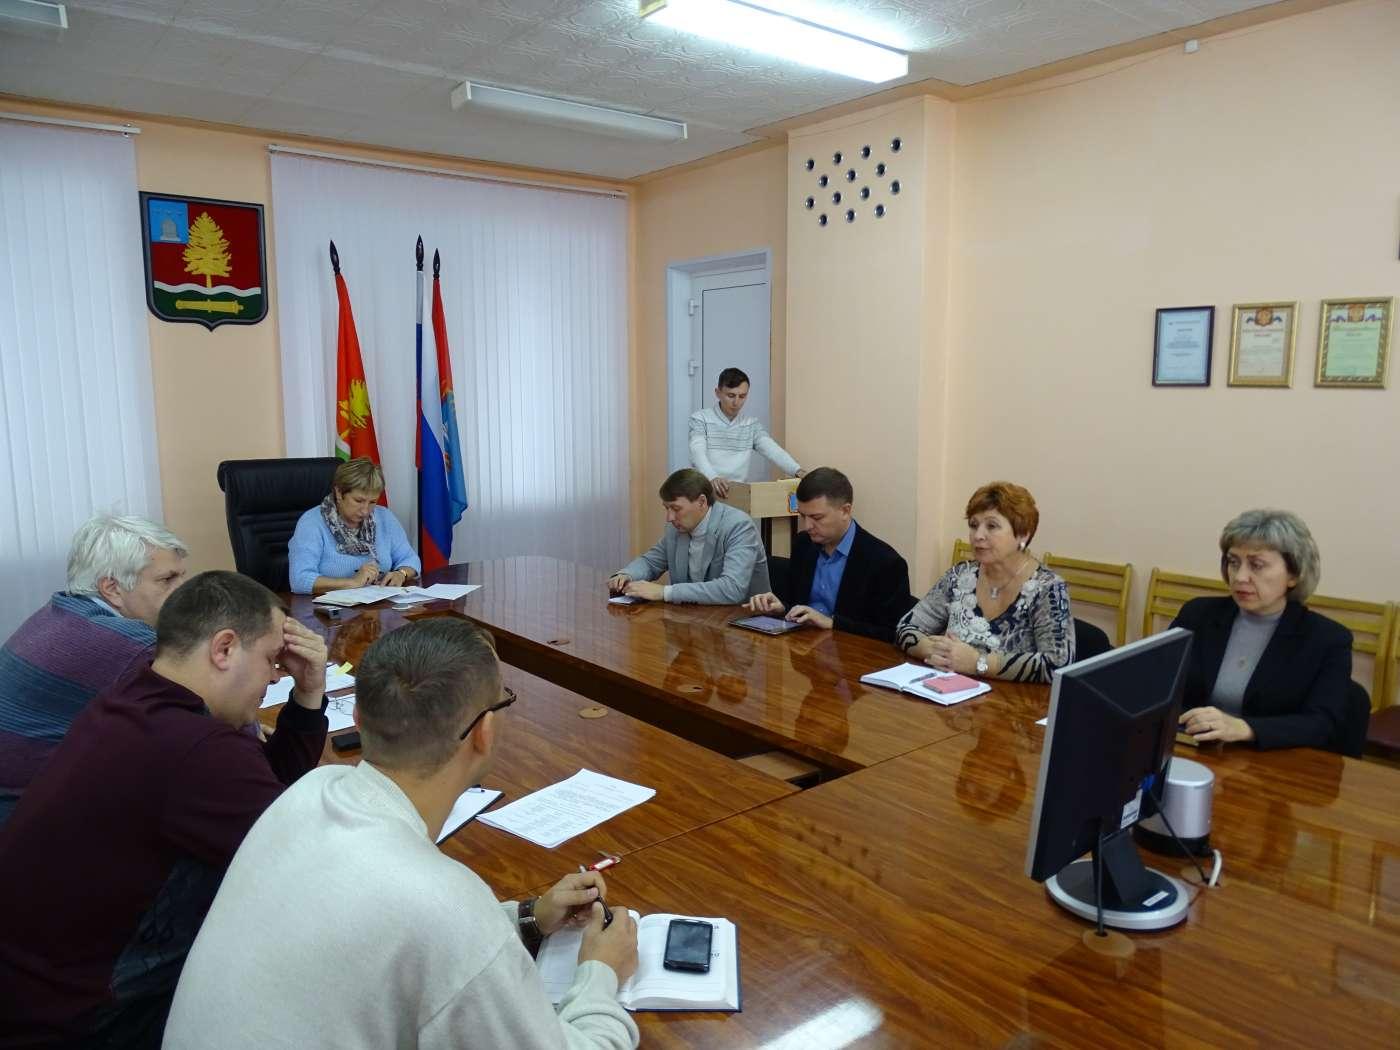 В Котовске отапливаются 97% многоквартирных домов и 100% социальных объектов